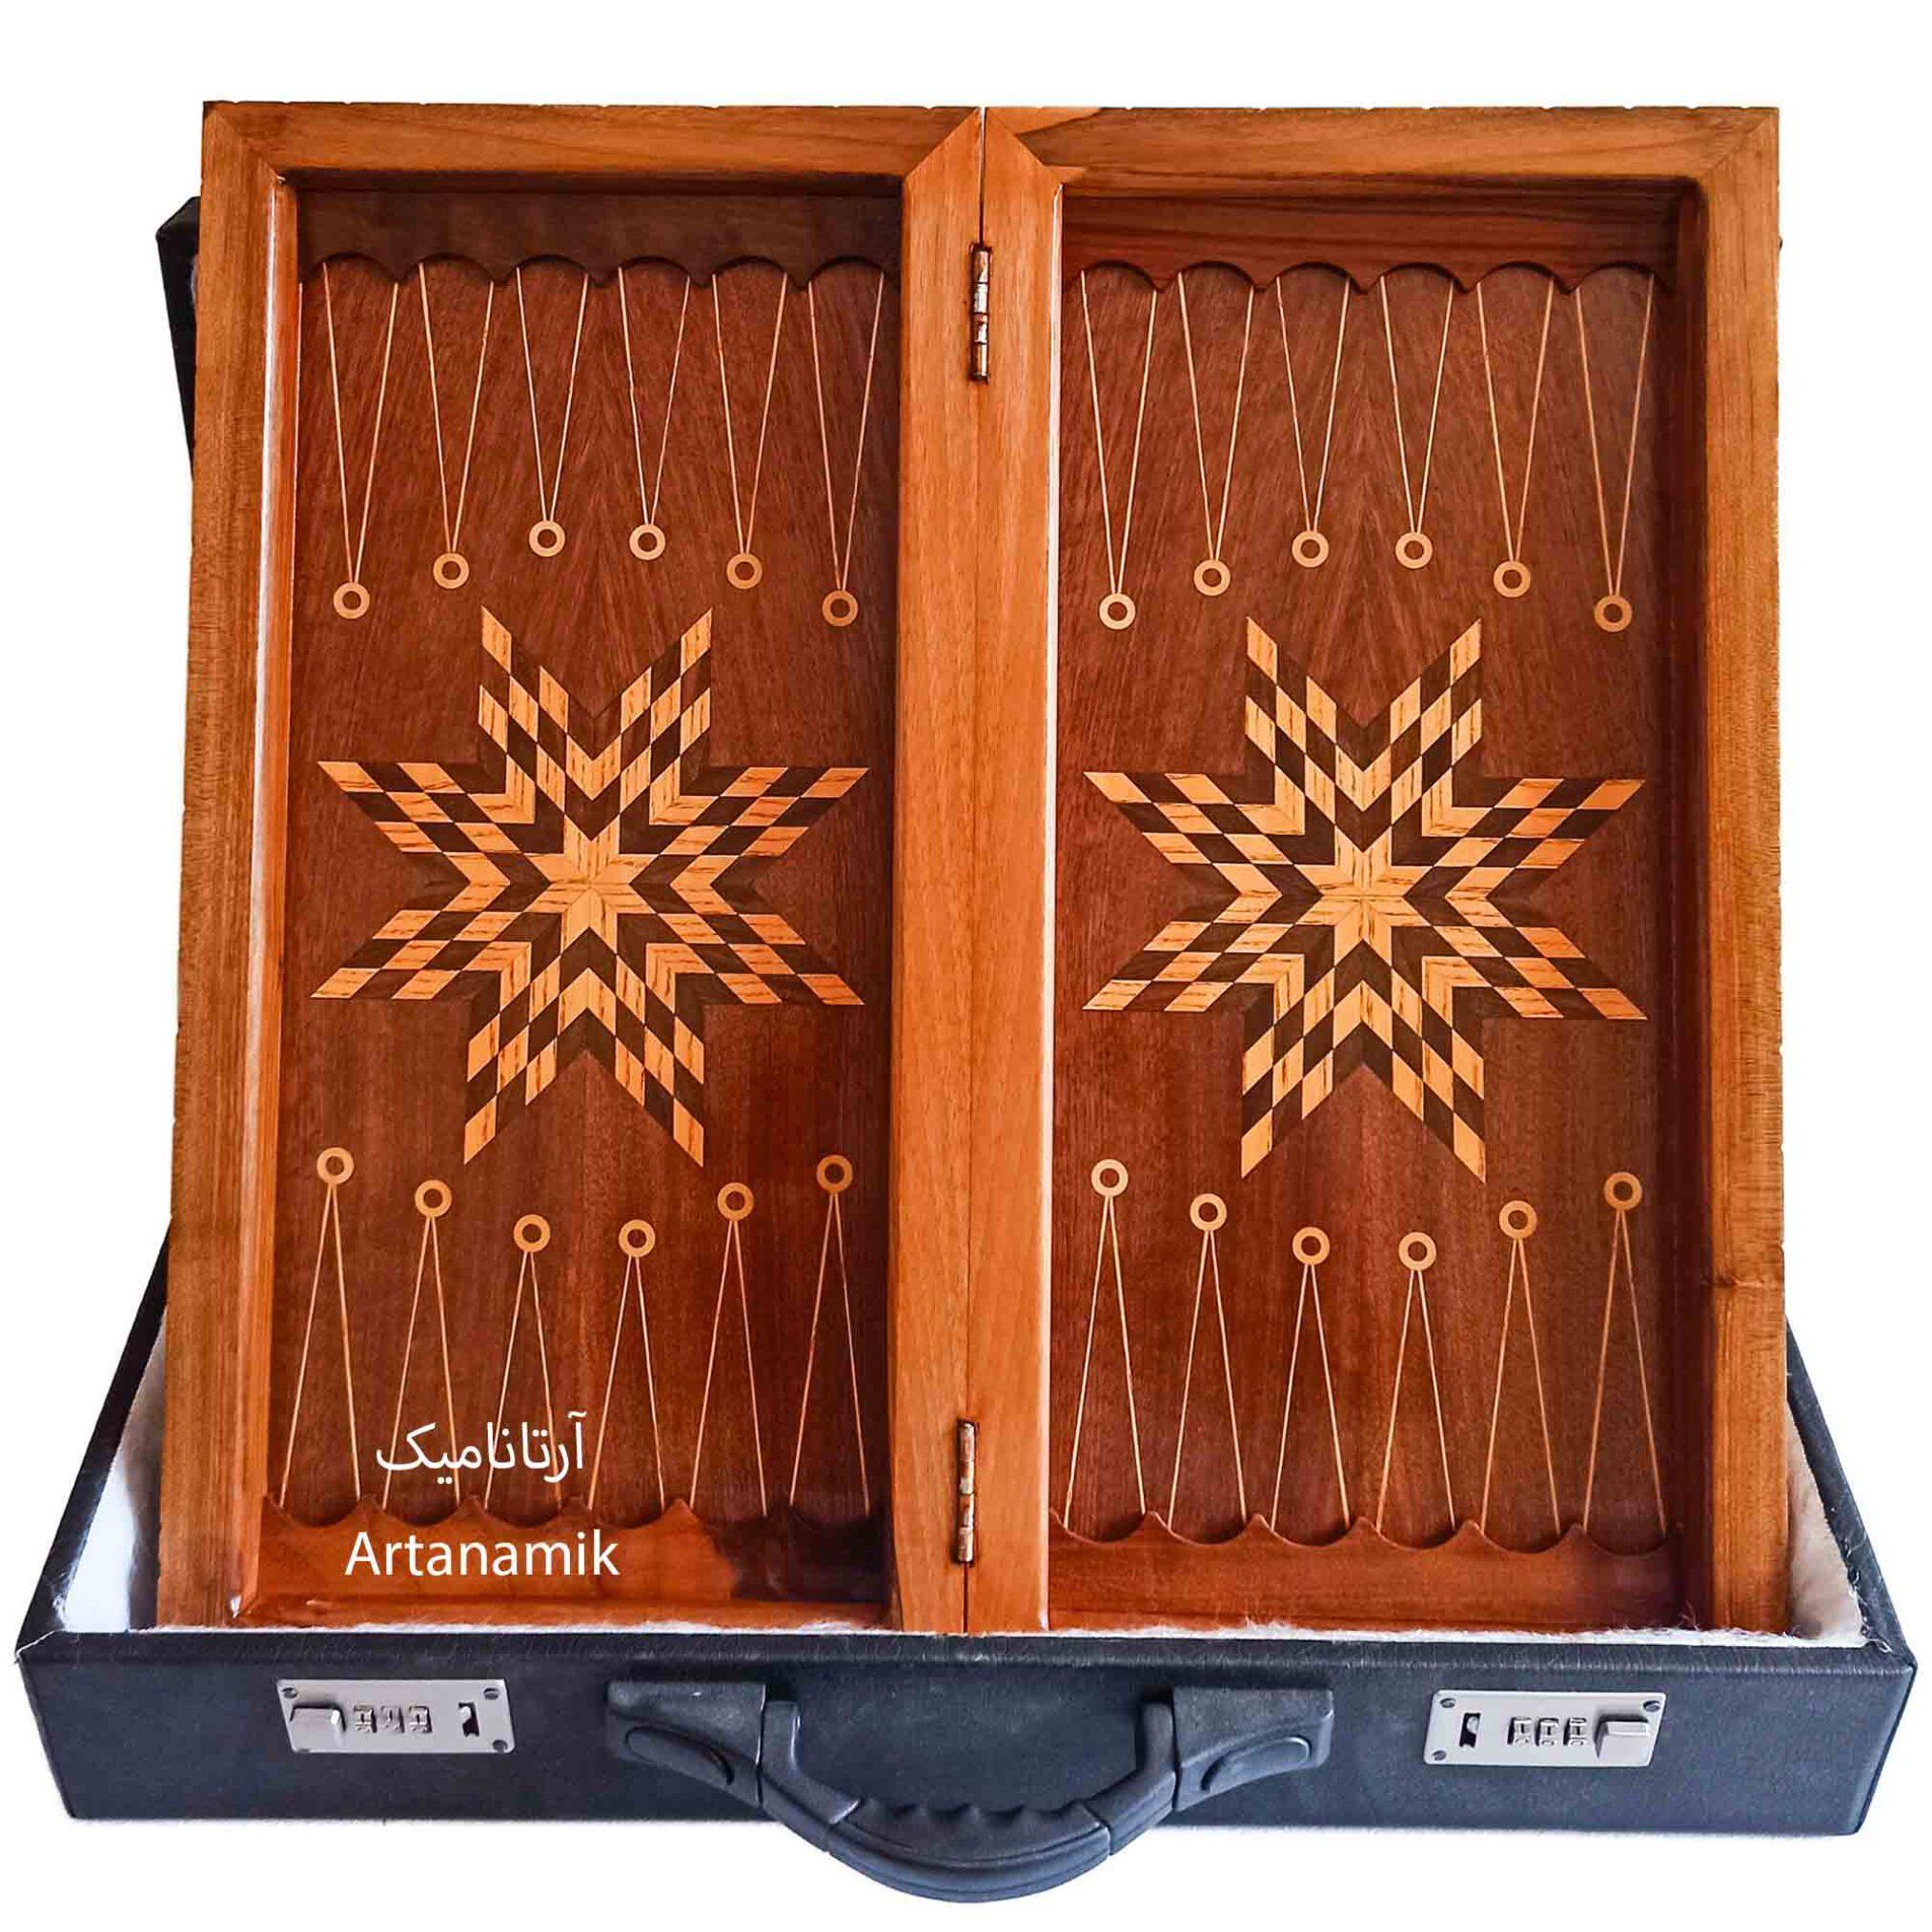 داخل تخته نرد منبت کاری طرح فروهر، تخته نرد کادویی و تخته نرد نفیس ساخته شده از چوب گردو